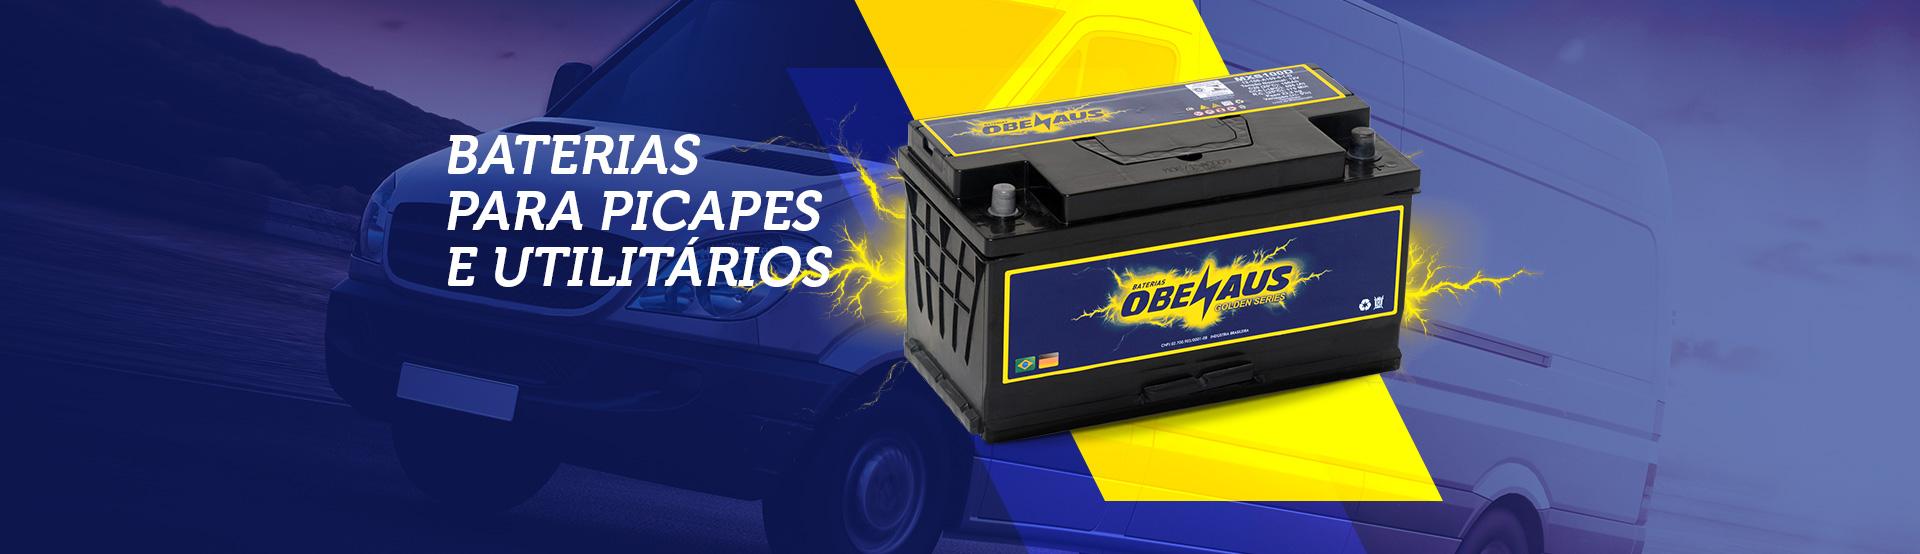 bateria-utilitarios